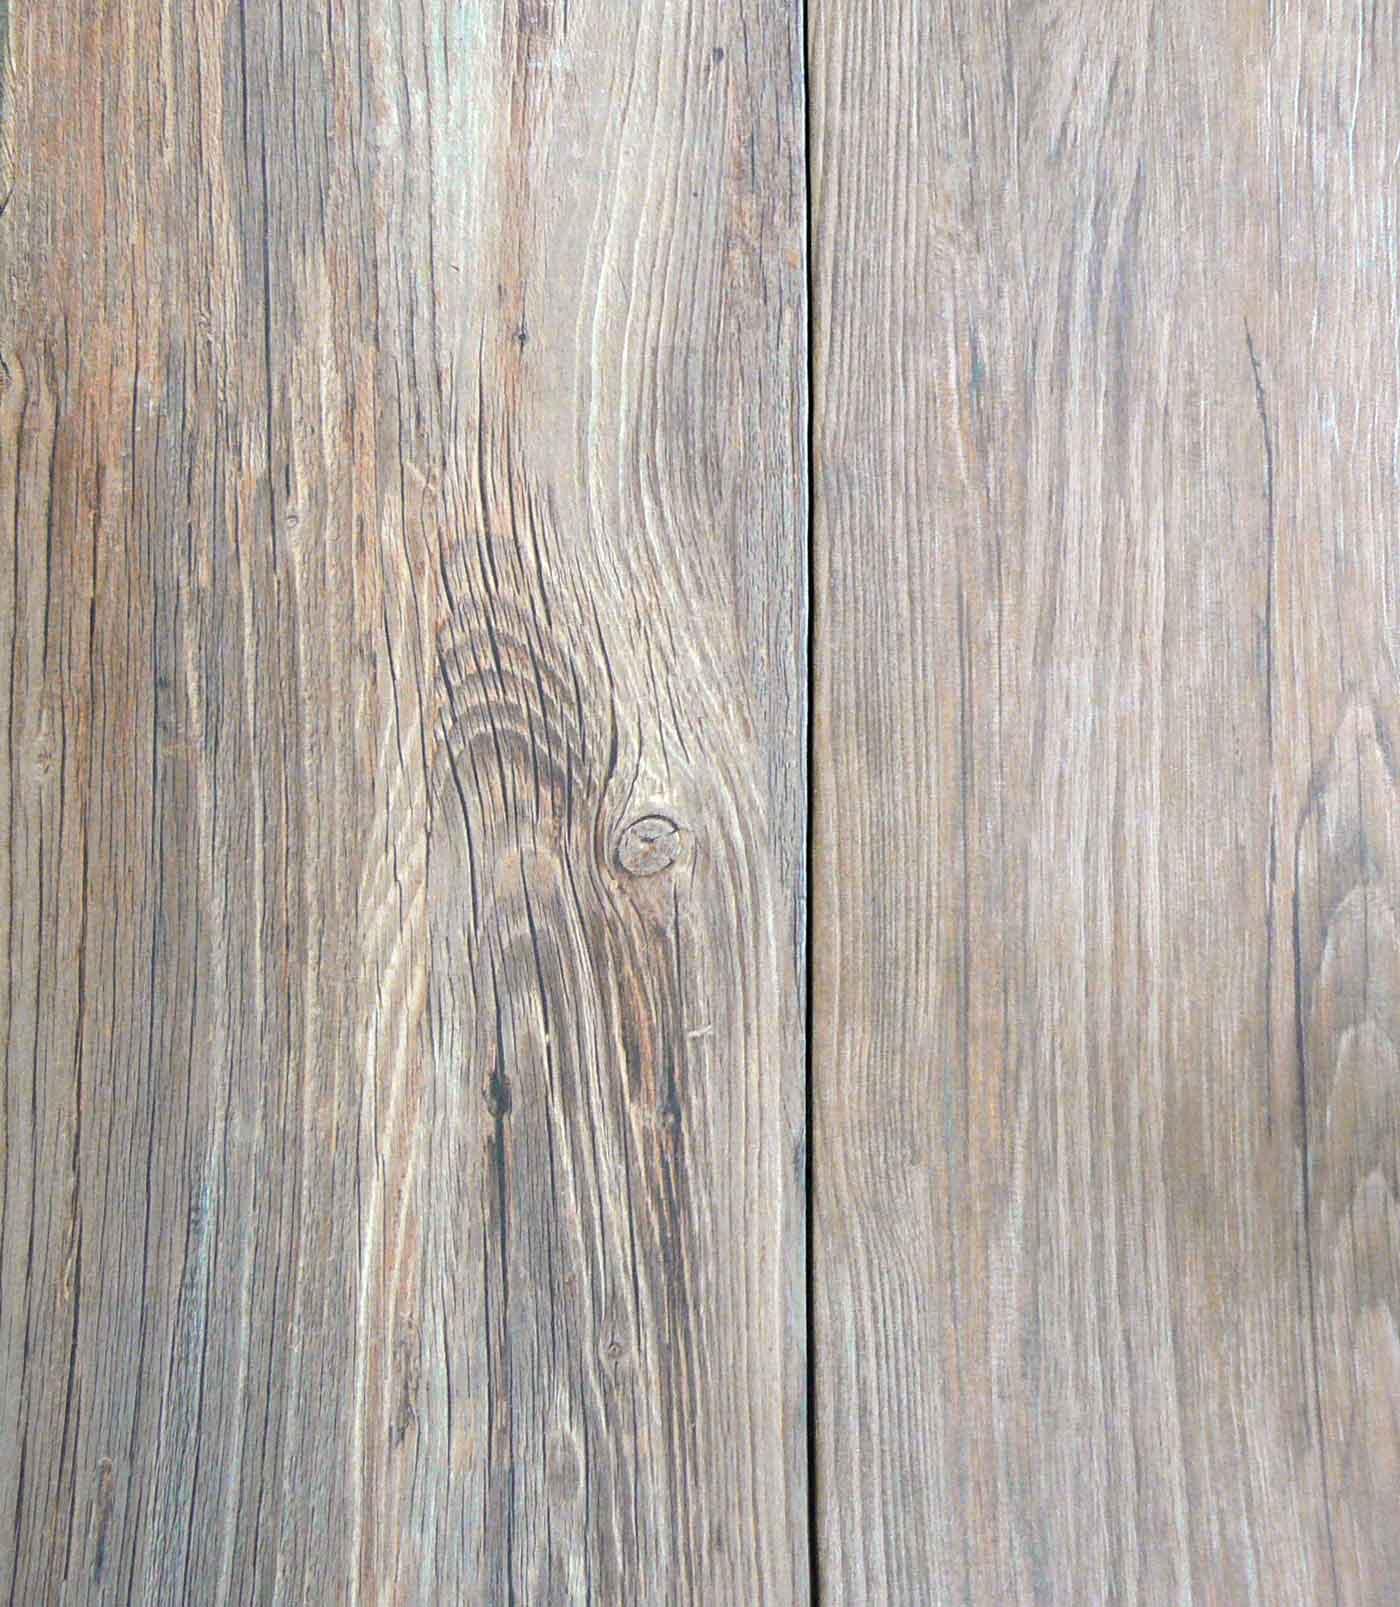 Holzoptik Fliesen Seite Burkolatboltcom - Fliesen holzoptik 30 x 60